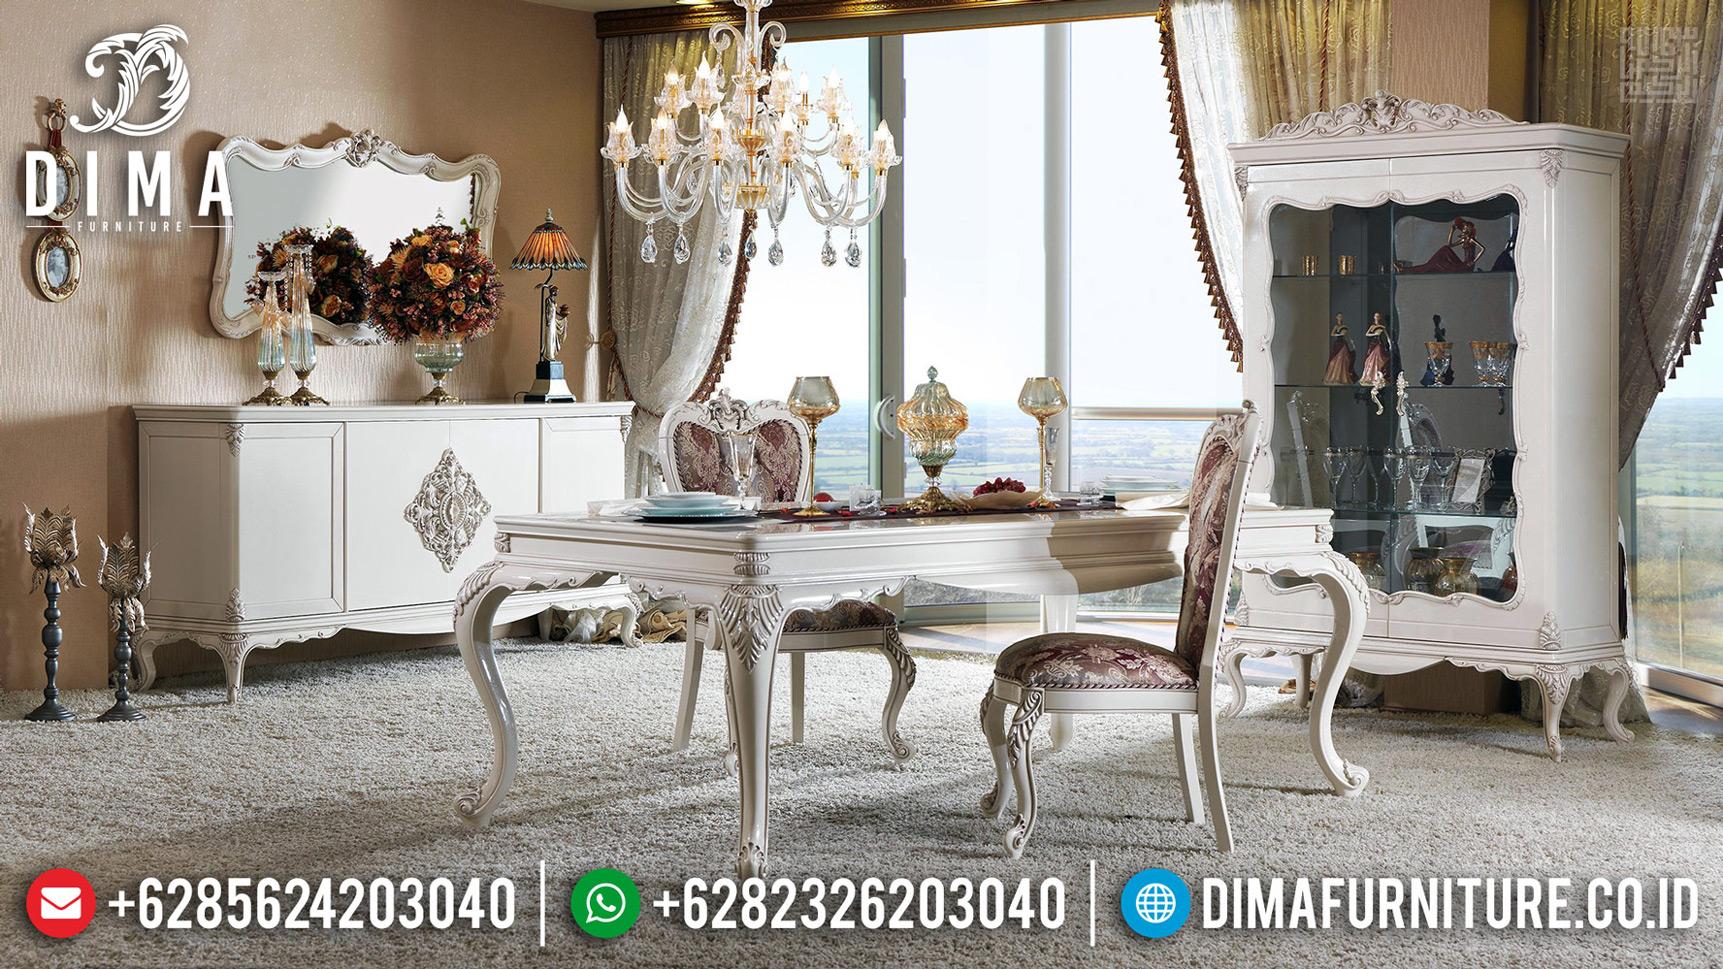 Furniture Jepara Meja Makan Mewah Classy Luxury New Design 2020 MMJ-0673